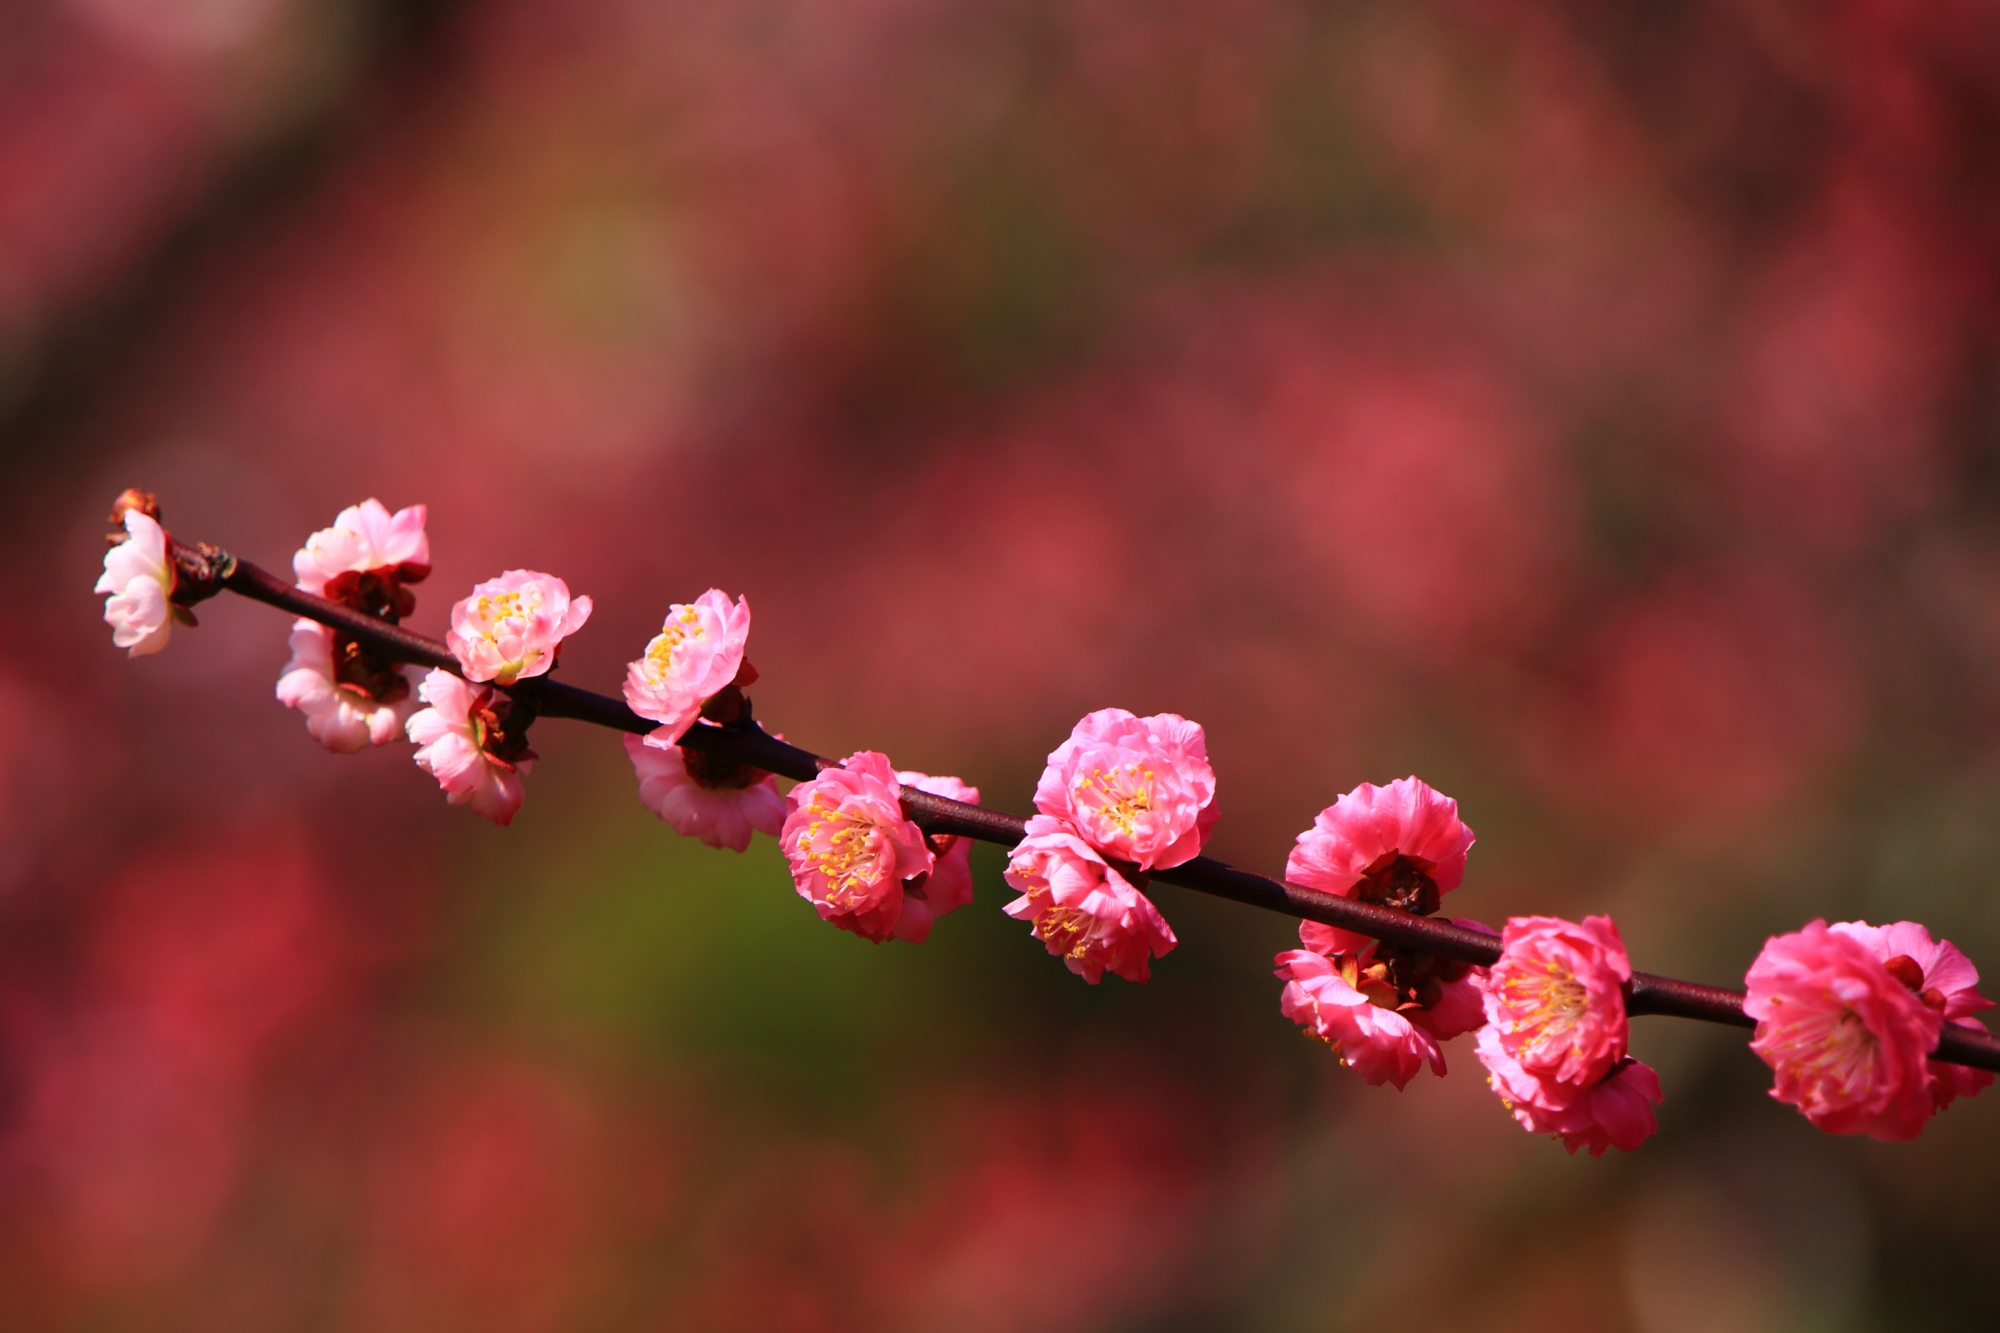 綺麗に整列して咲くピンクの可愛い紅梅